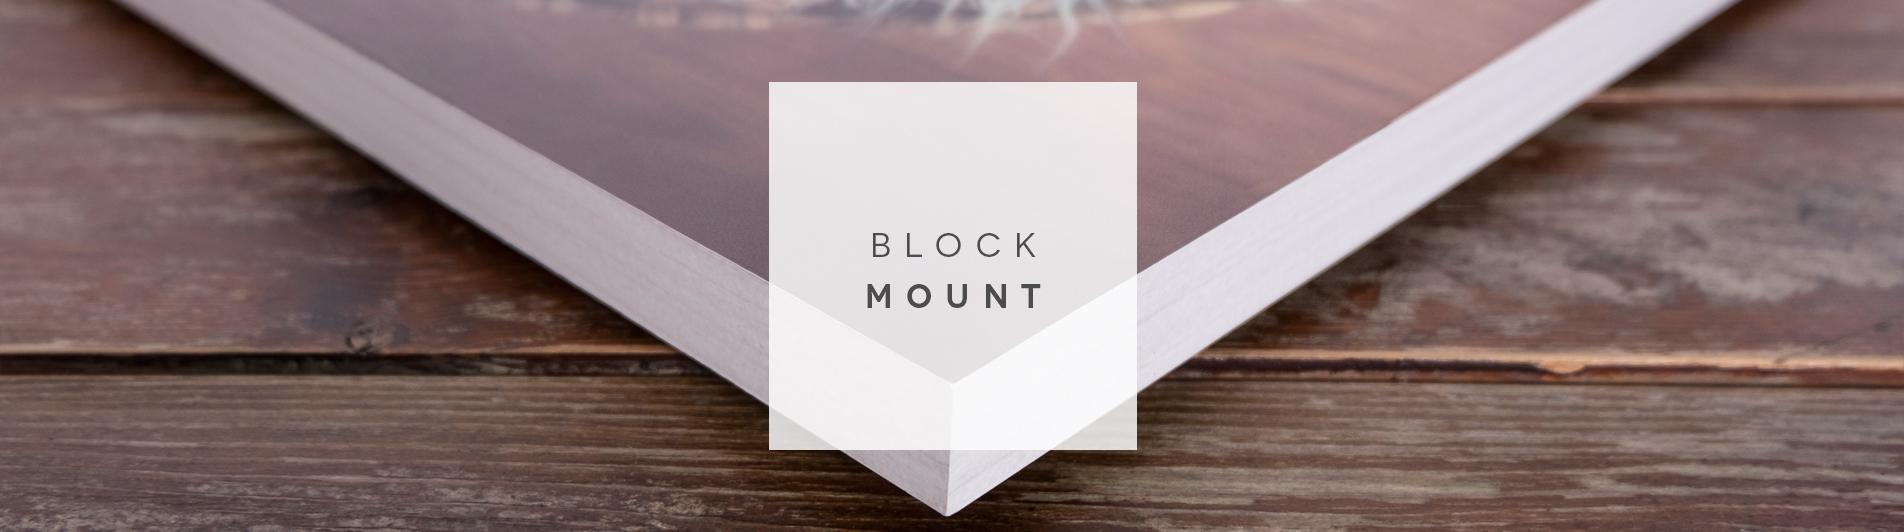 Blockmount